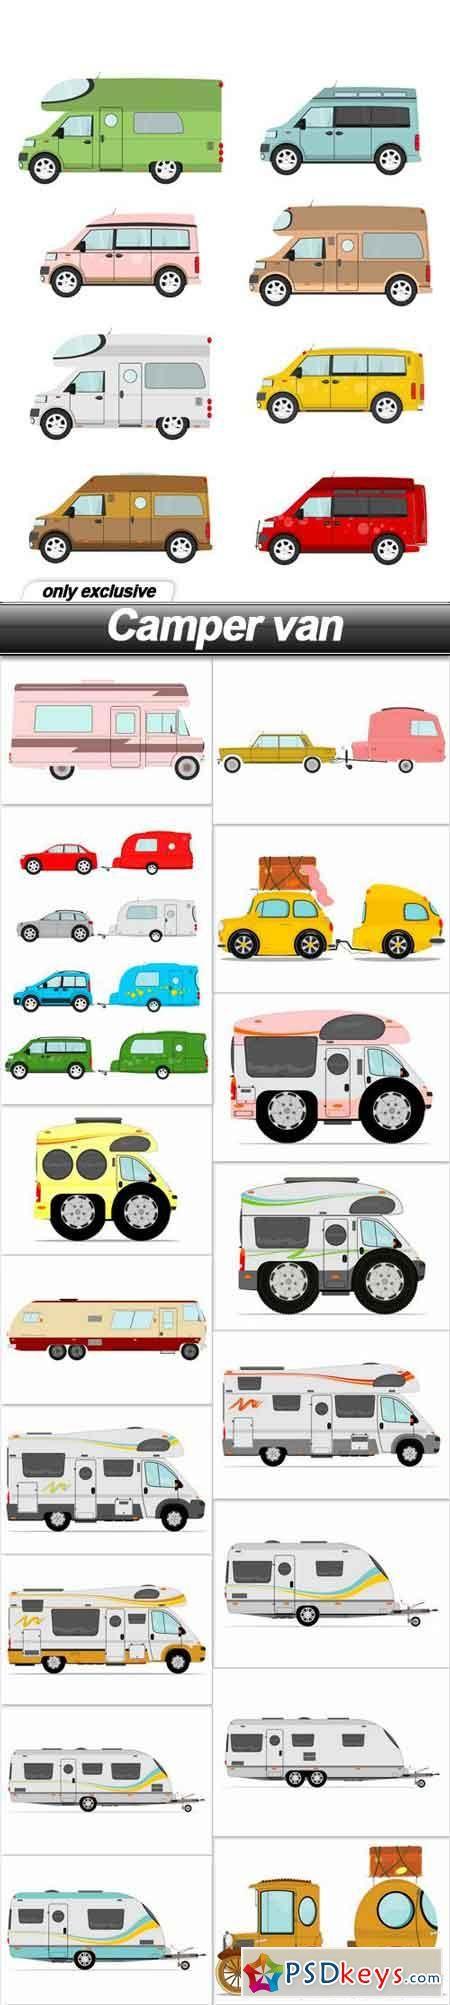 سكرابز صور سيارات للتصميم Cars Pngs منتديات تلوين Free Clip Art Stock Images Van